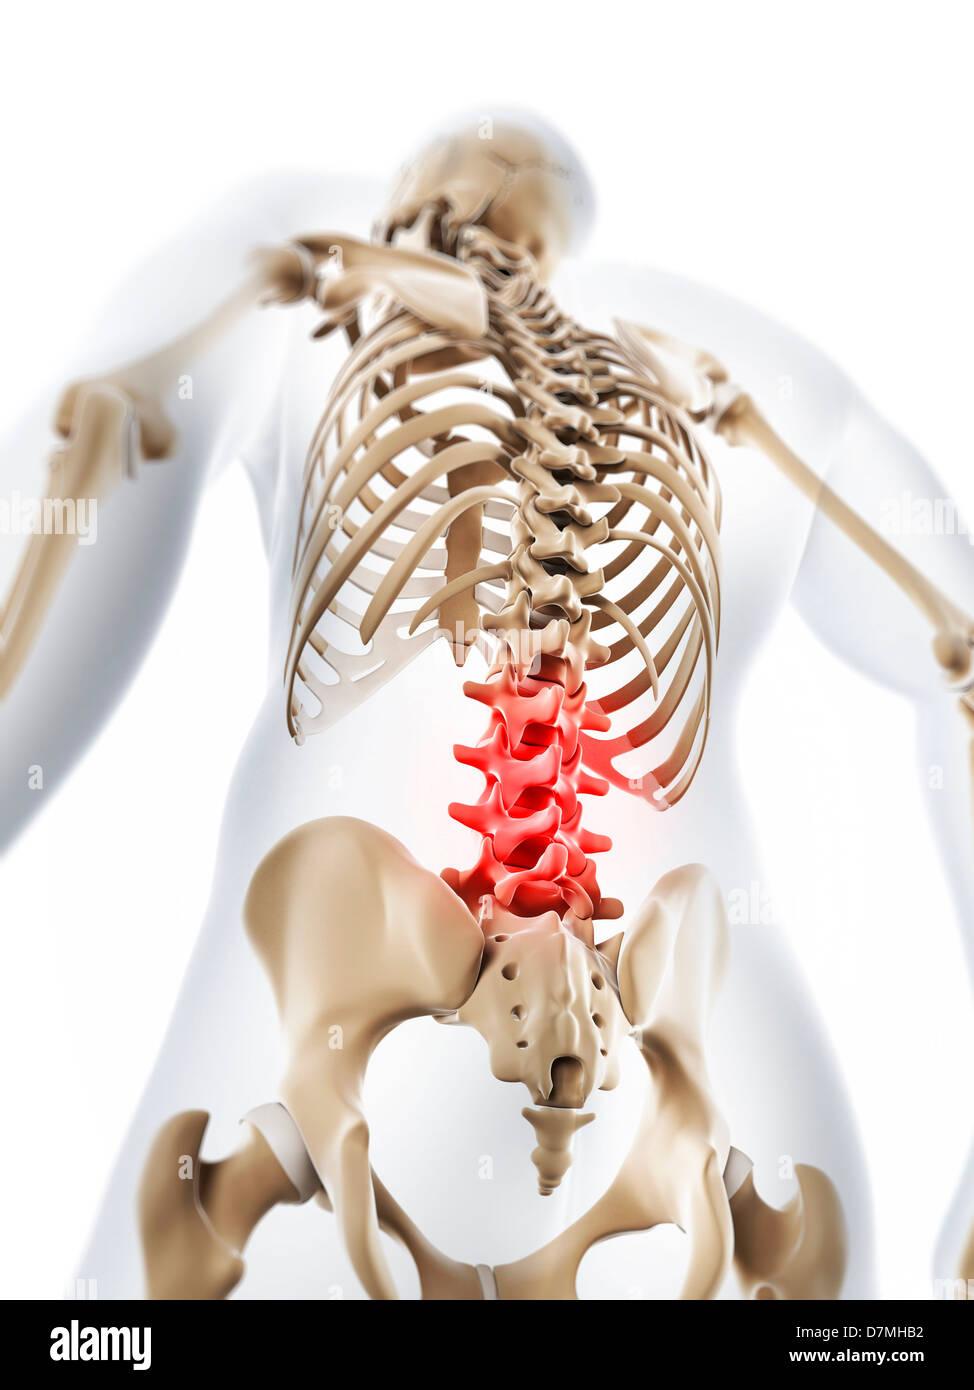 Wunderbar Schmerzen Im Unteren Rücken Anatomie Fotos - Physiologie ...